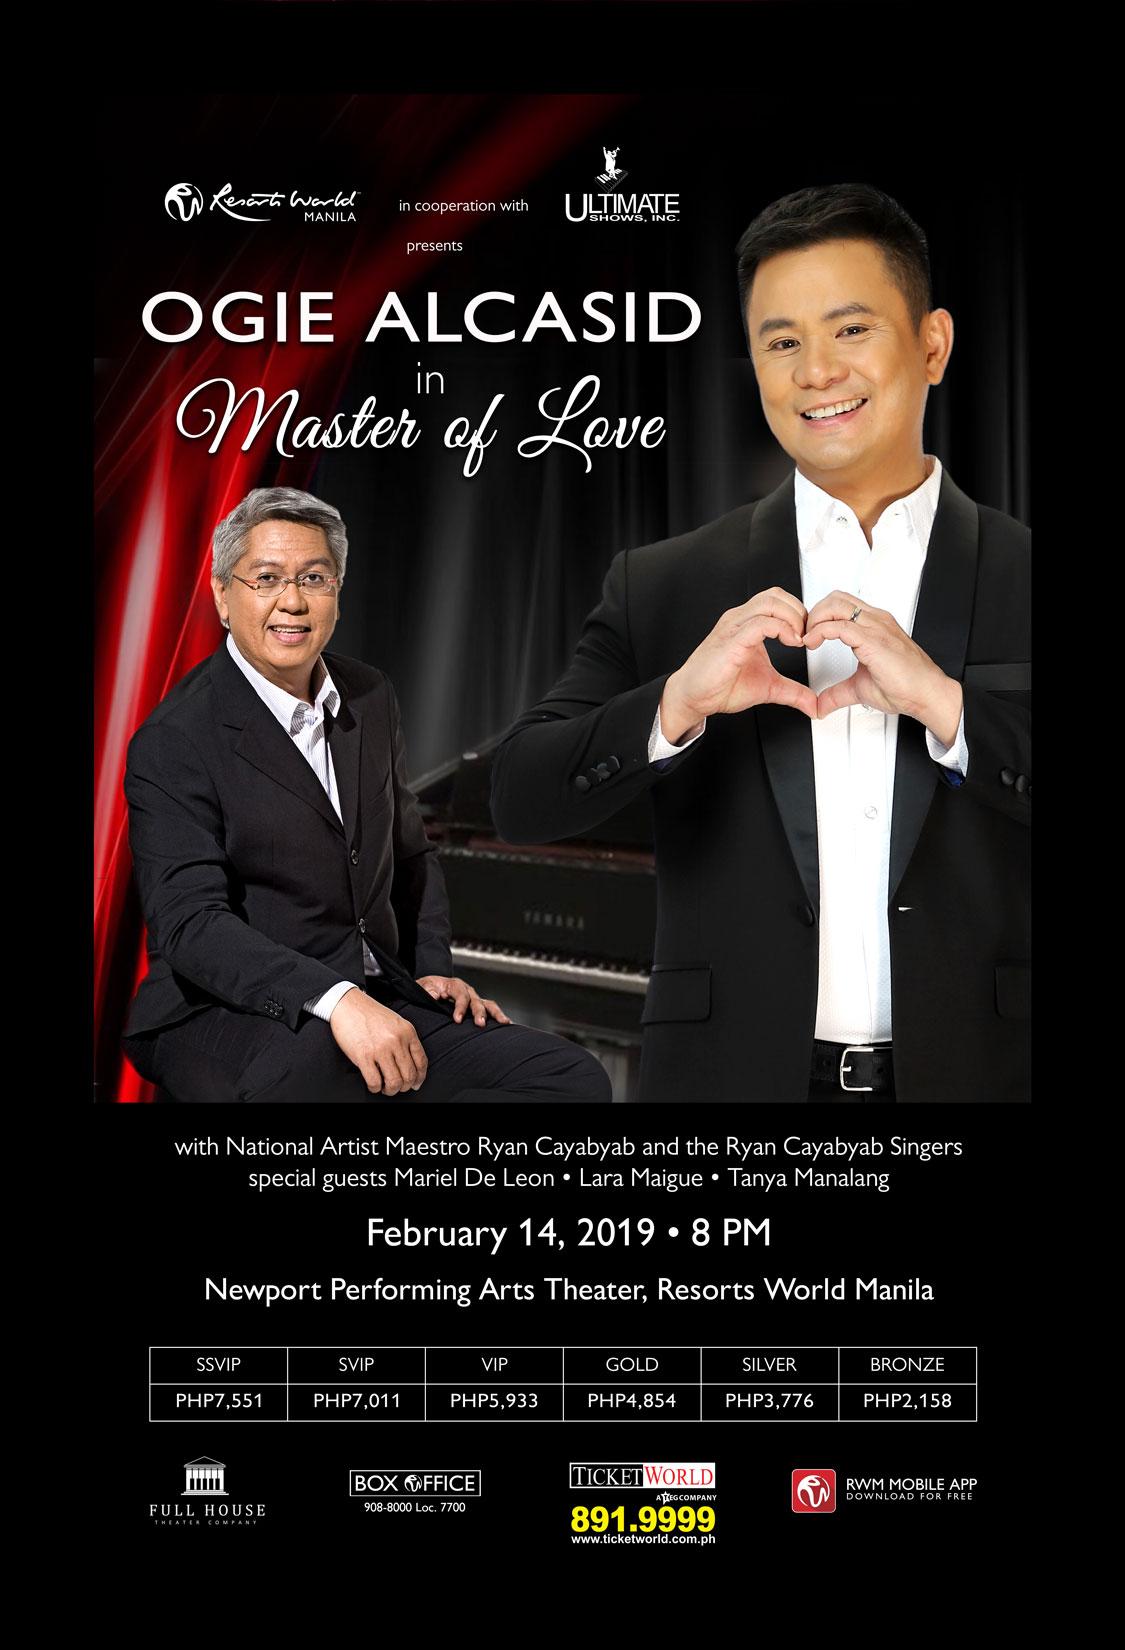 Ogie Alcasid in Master of Love